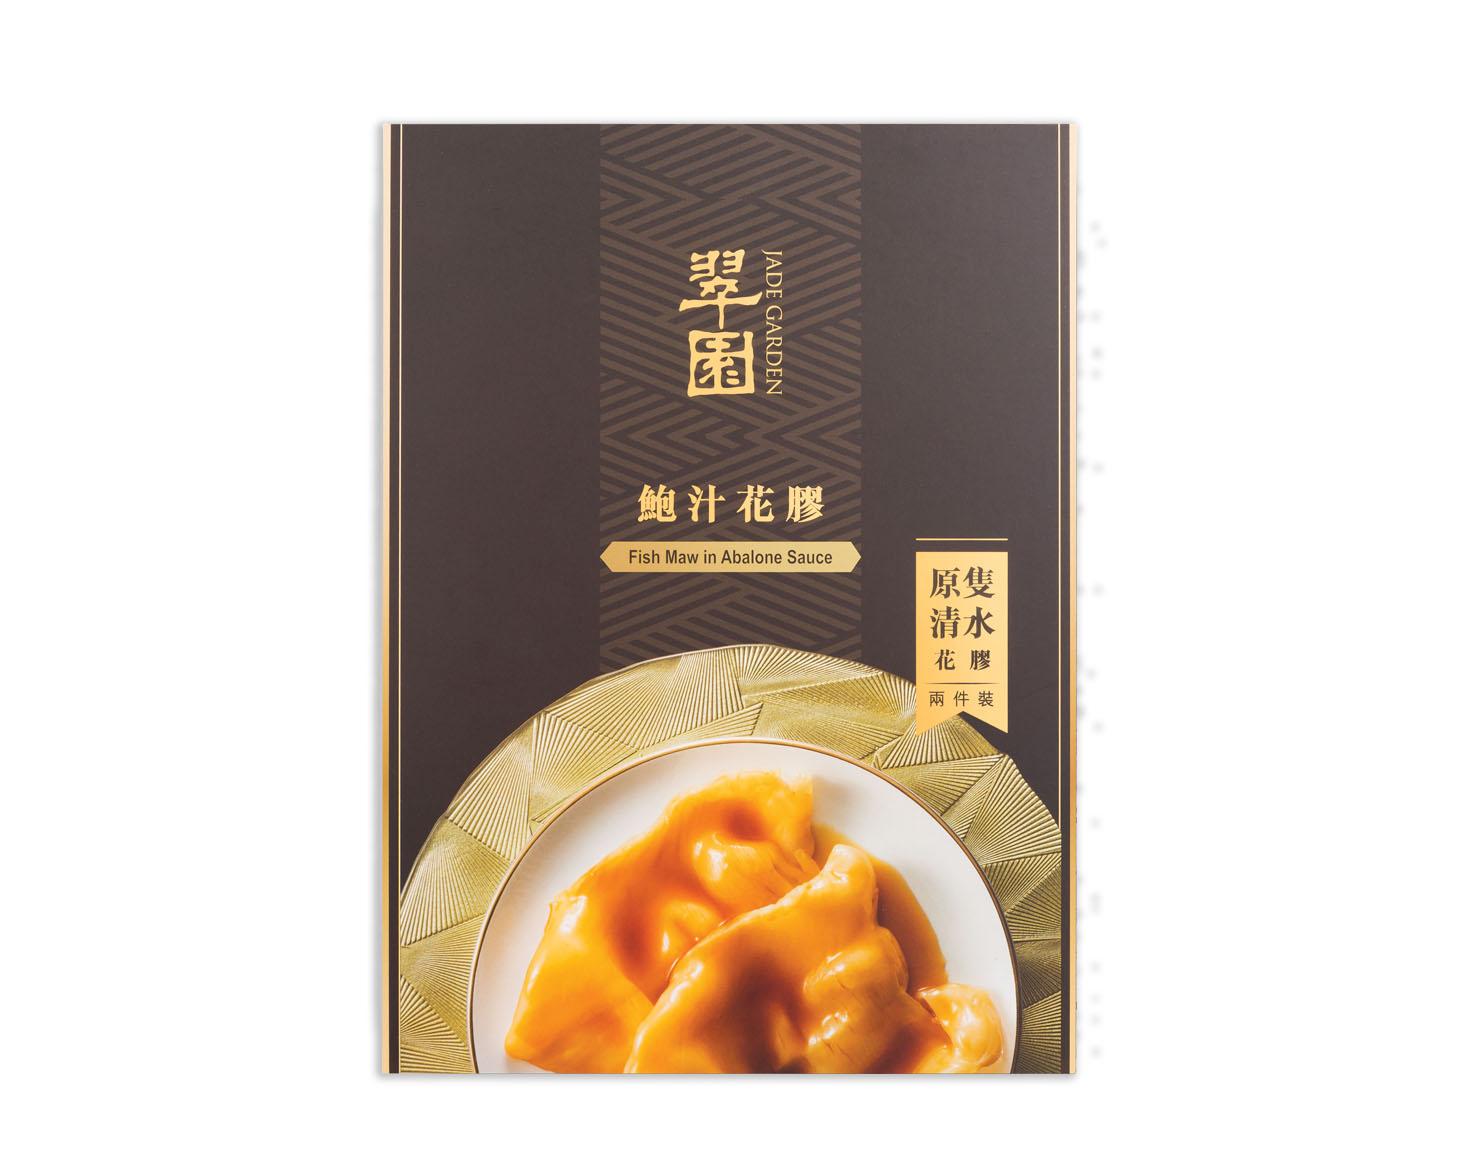 美心食品網上商店 - 翠園鮑汁花膠